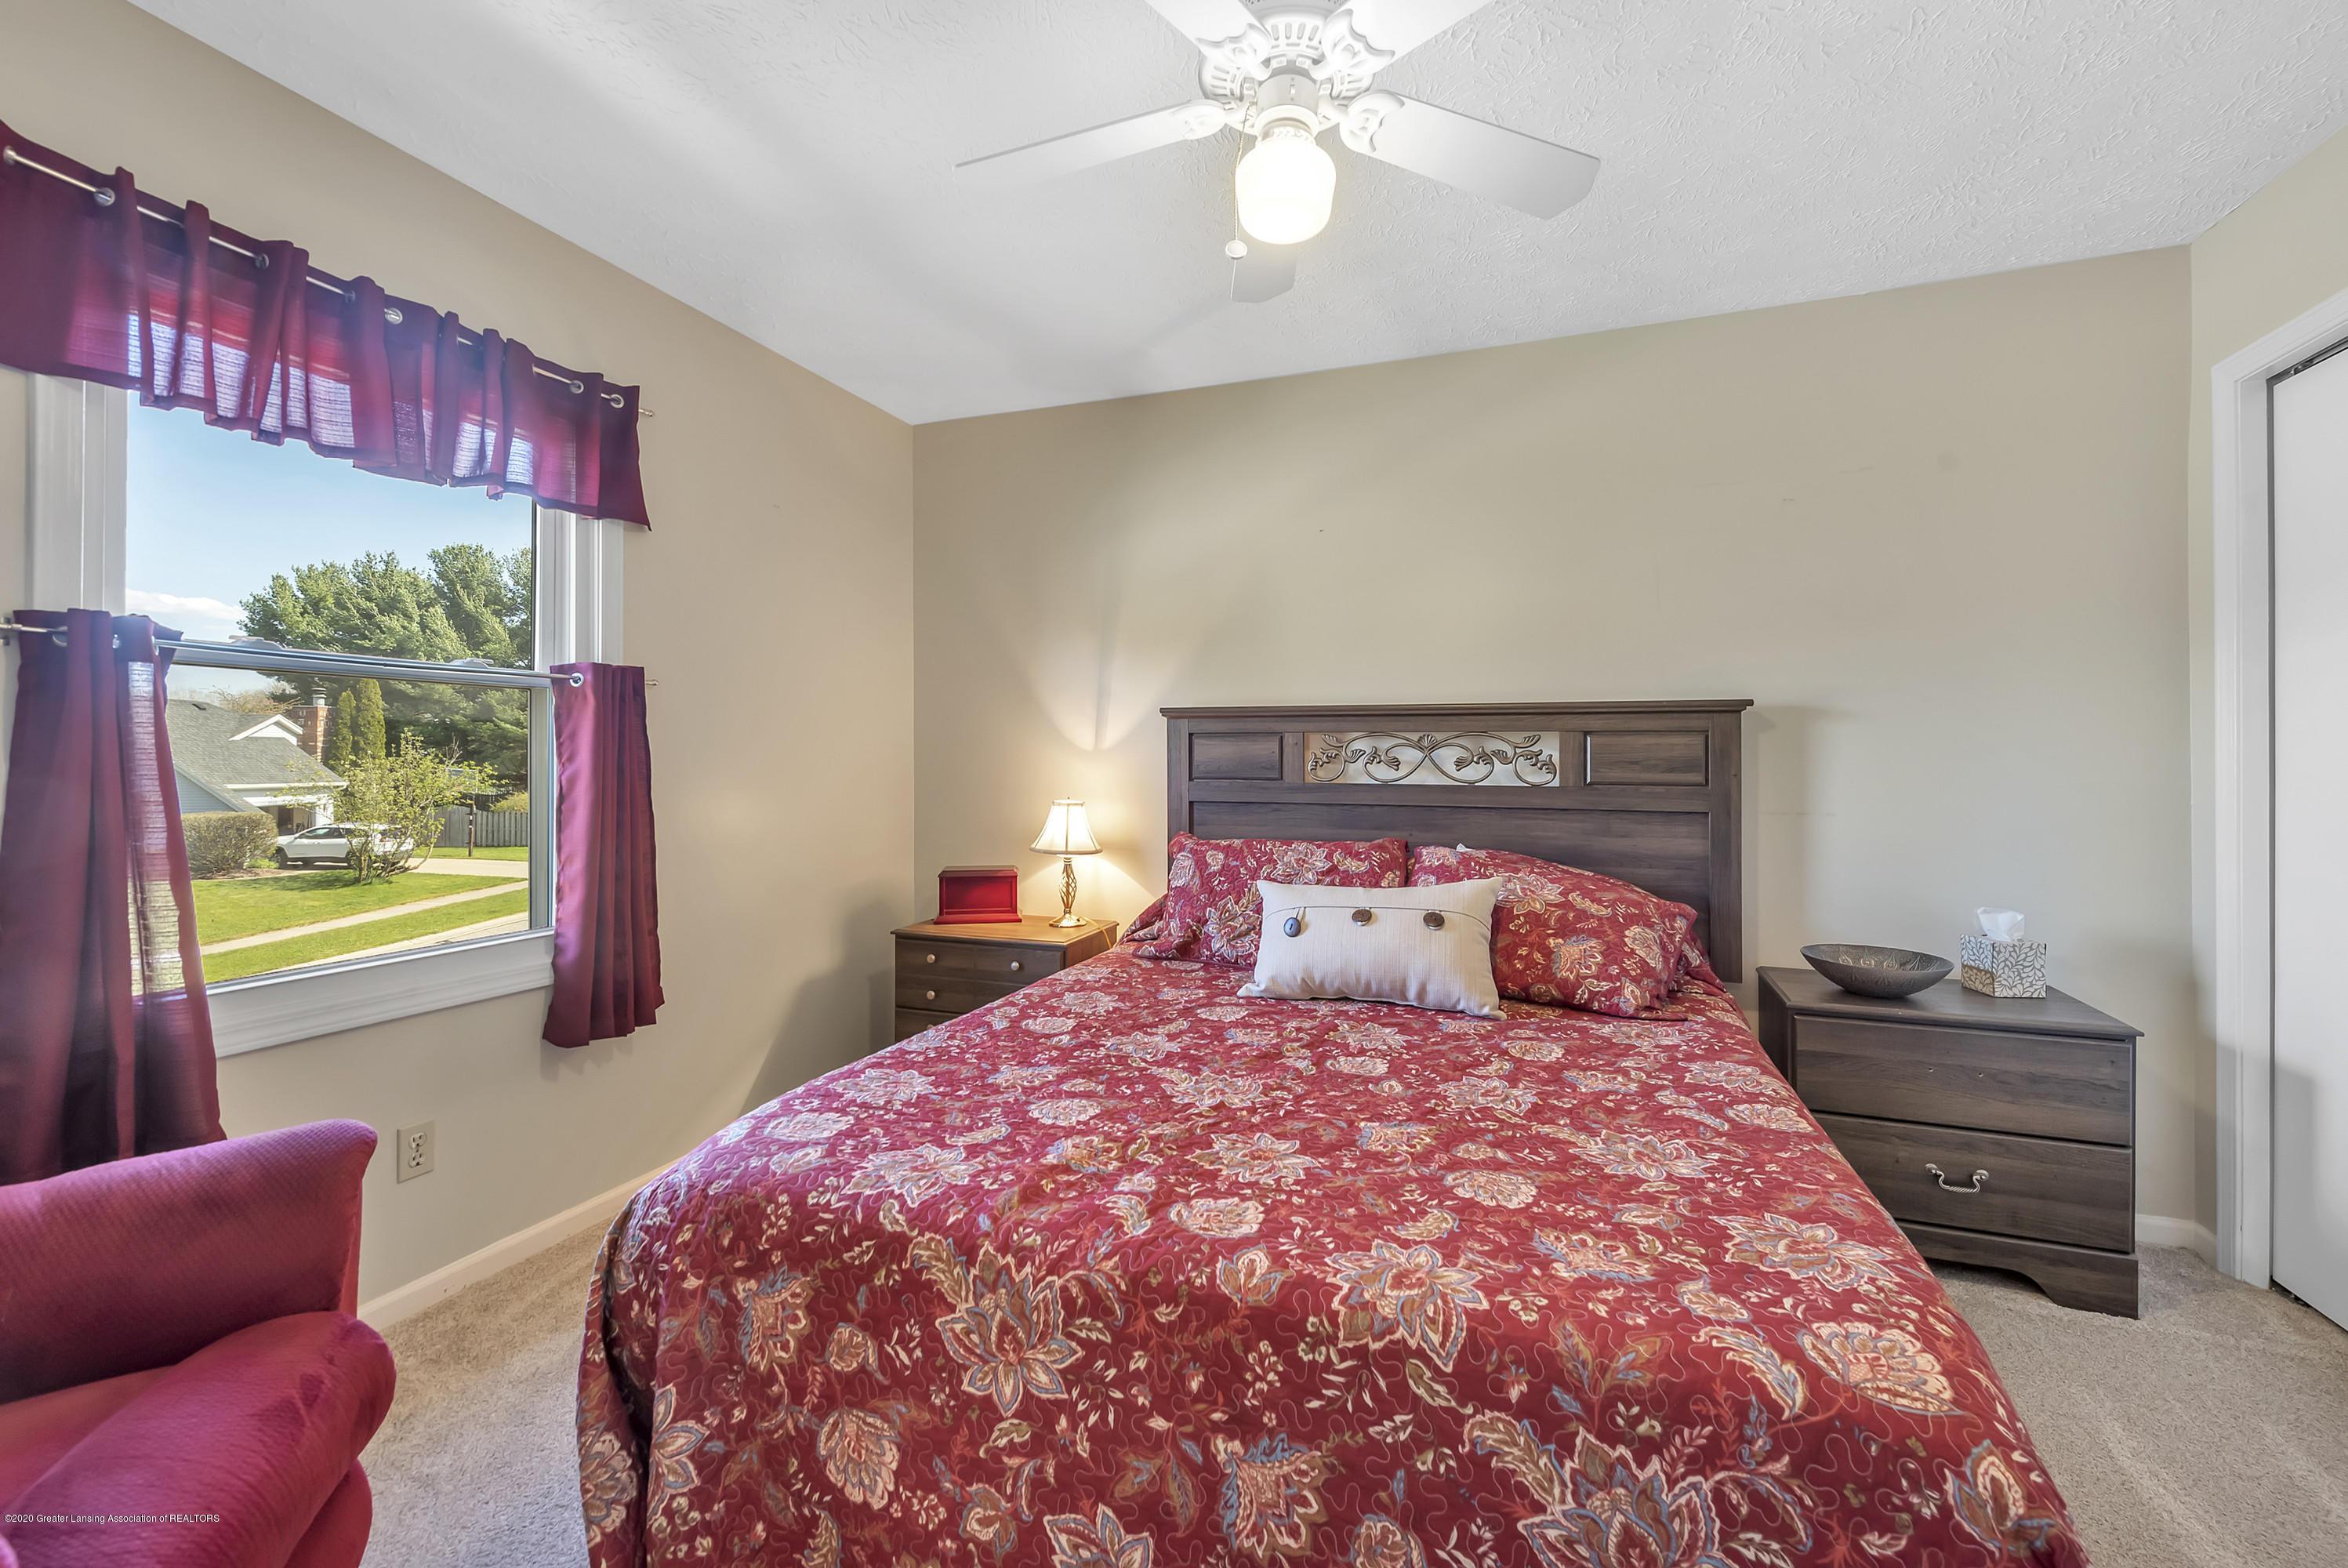 5575 Canoga Ln - Bedroom - 26